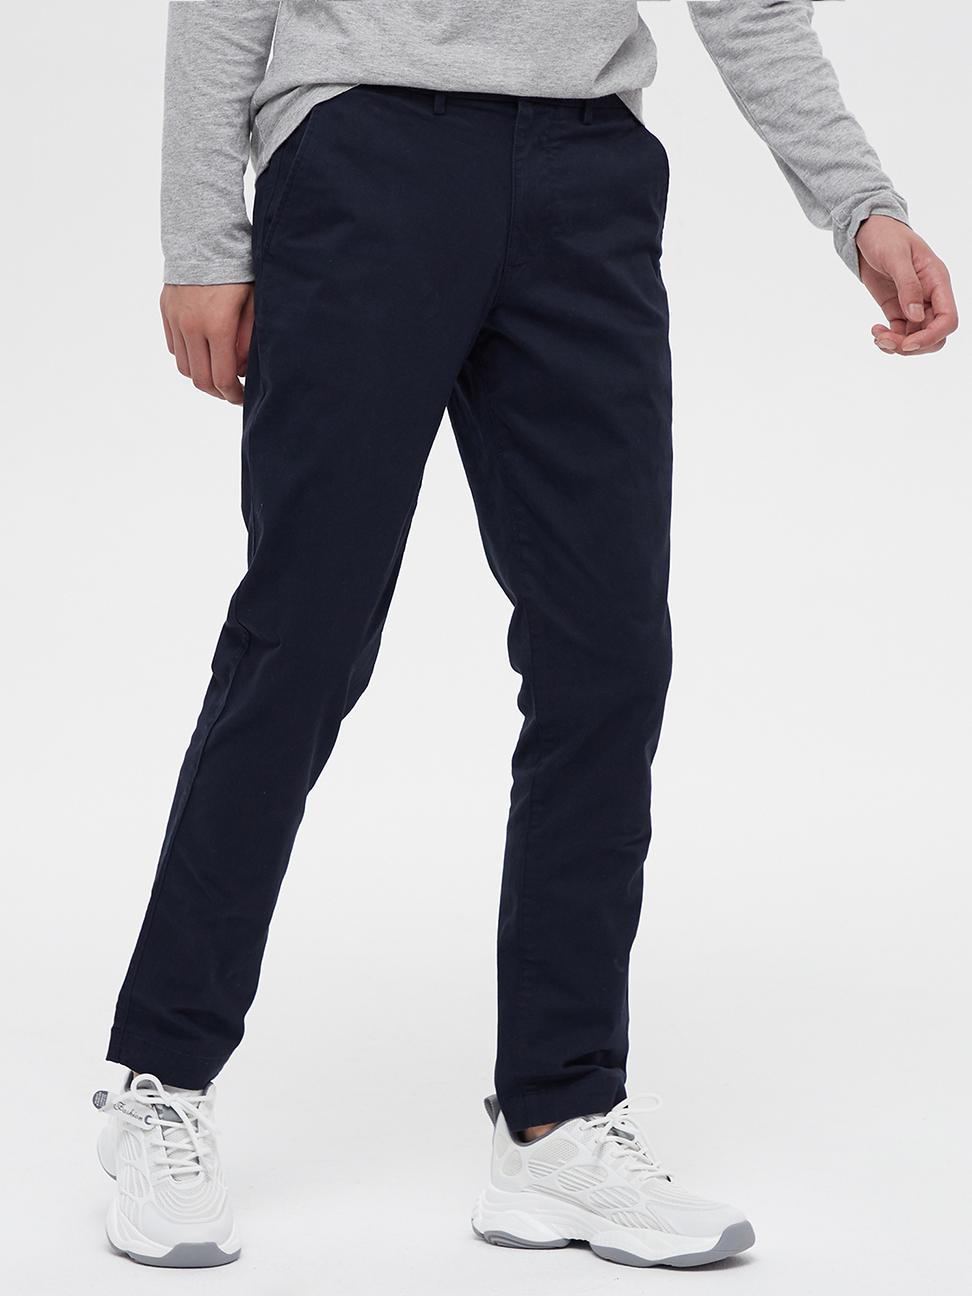 男裝 棉質微彈修身款休閒褲